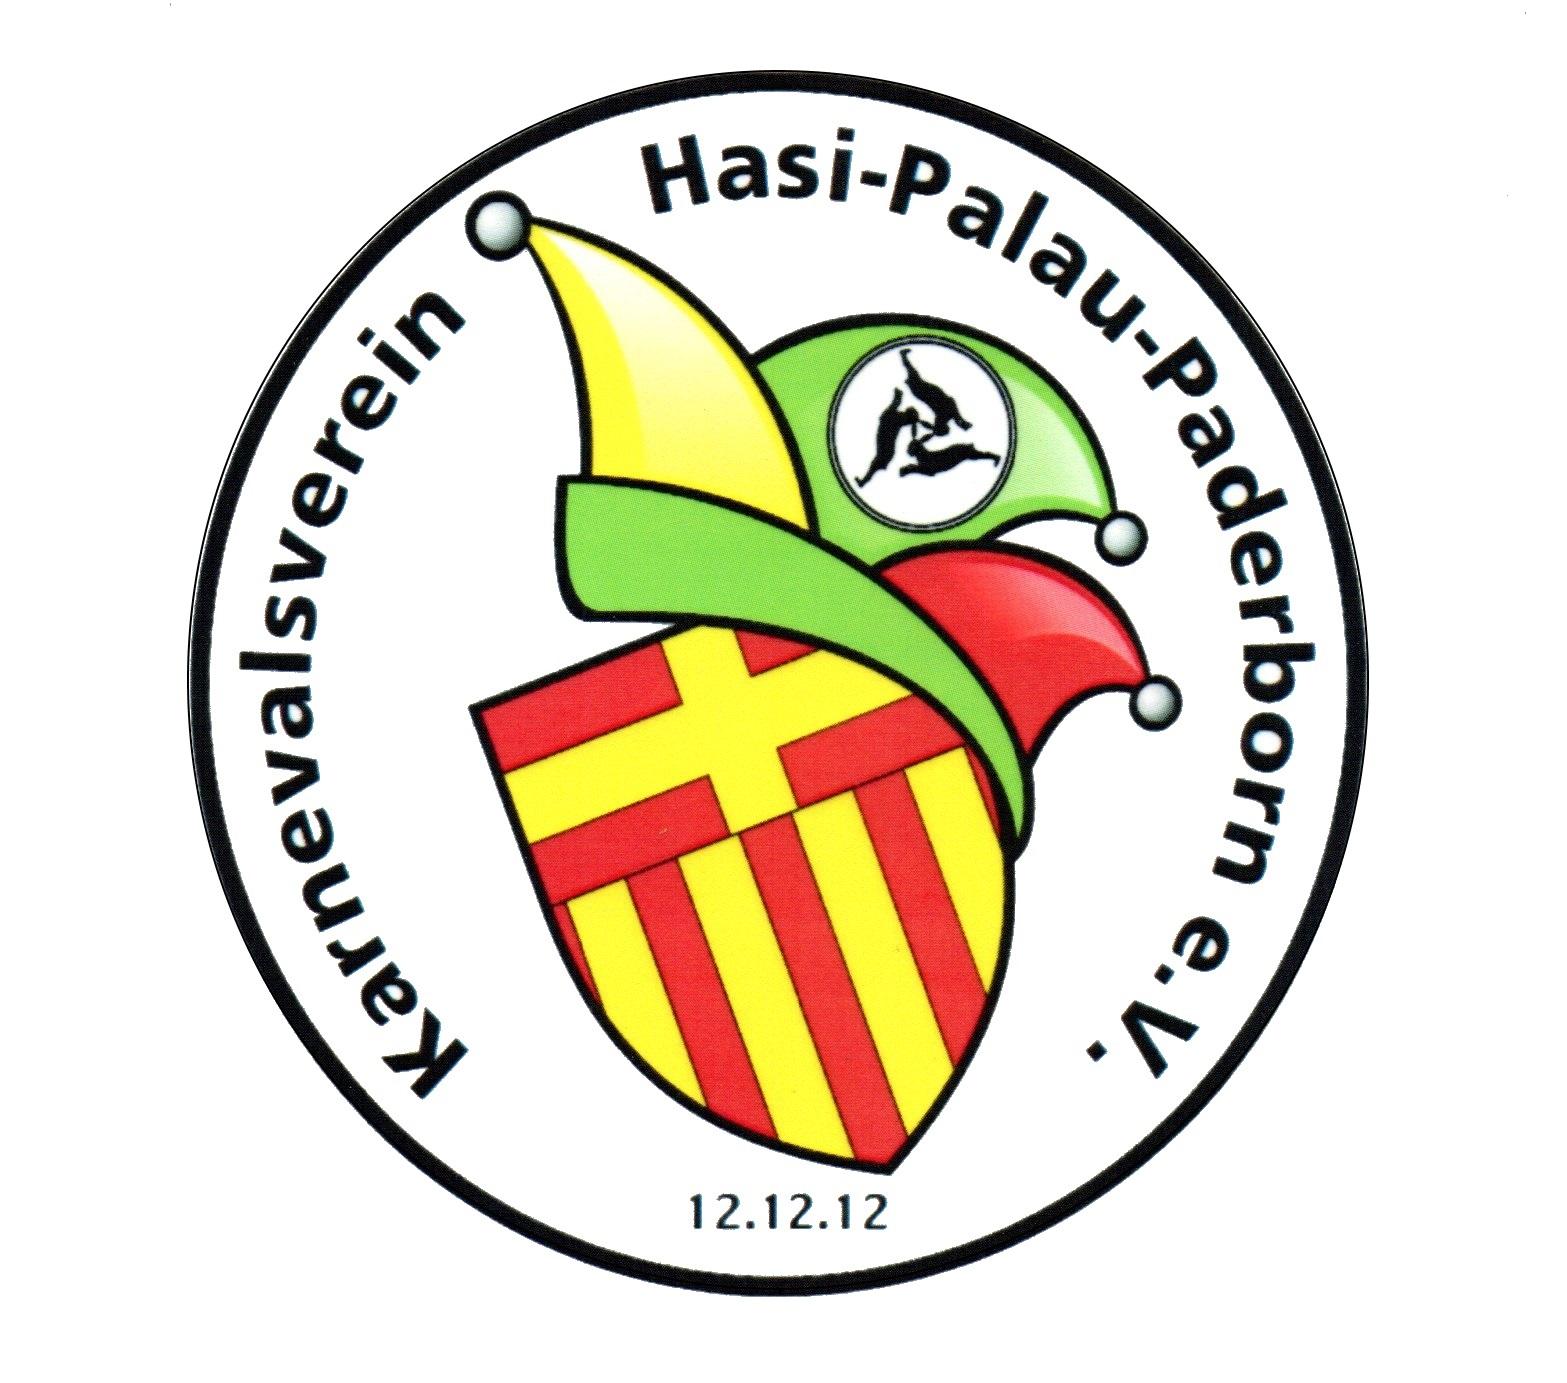 Hasi Palau Paderborn e.V.